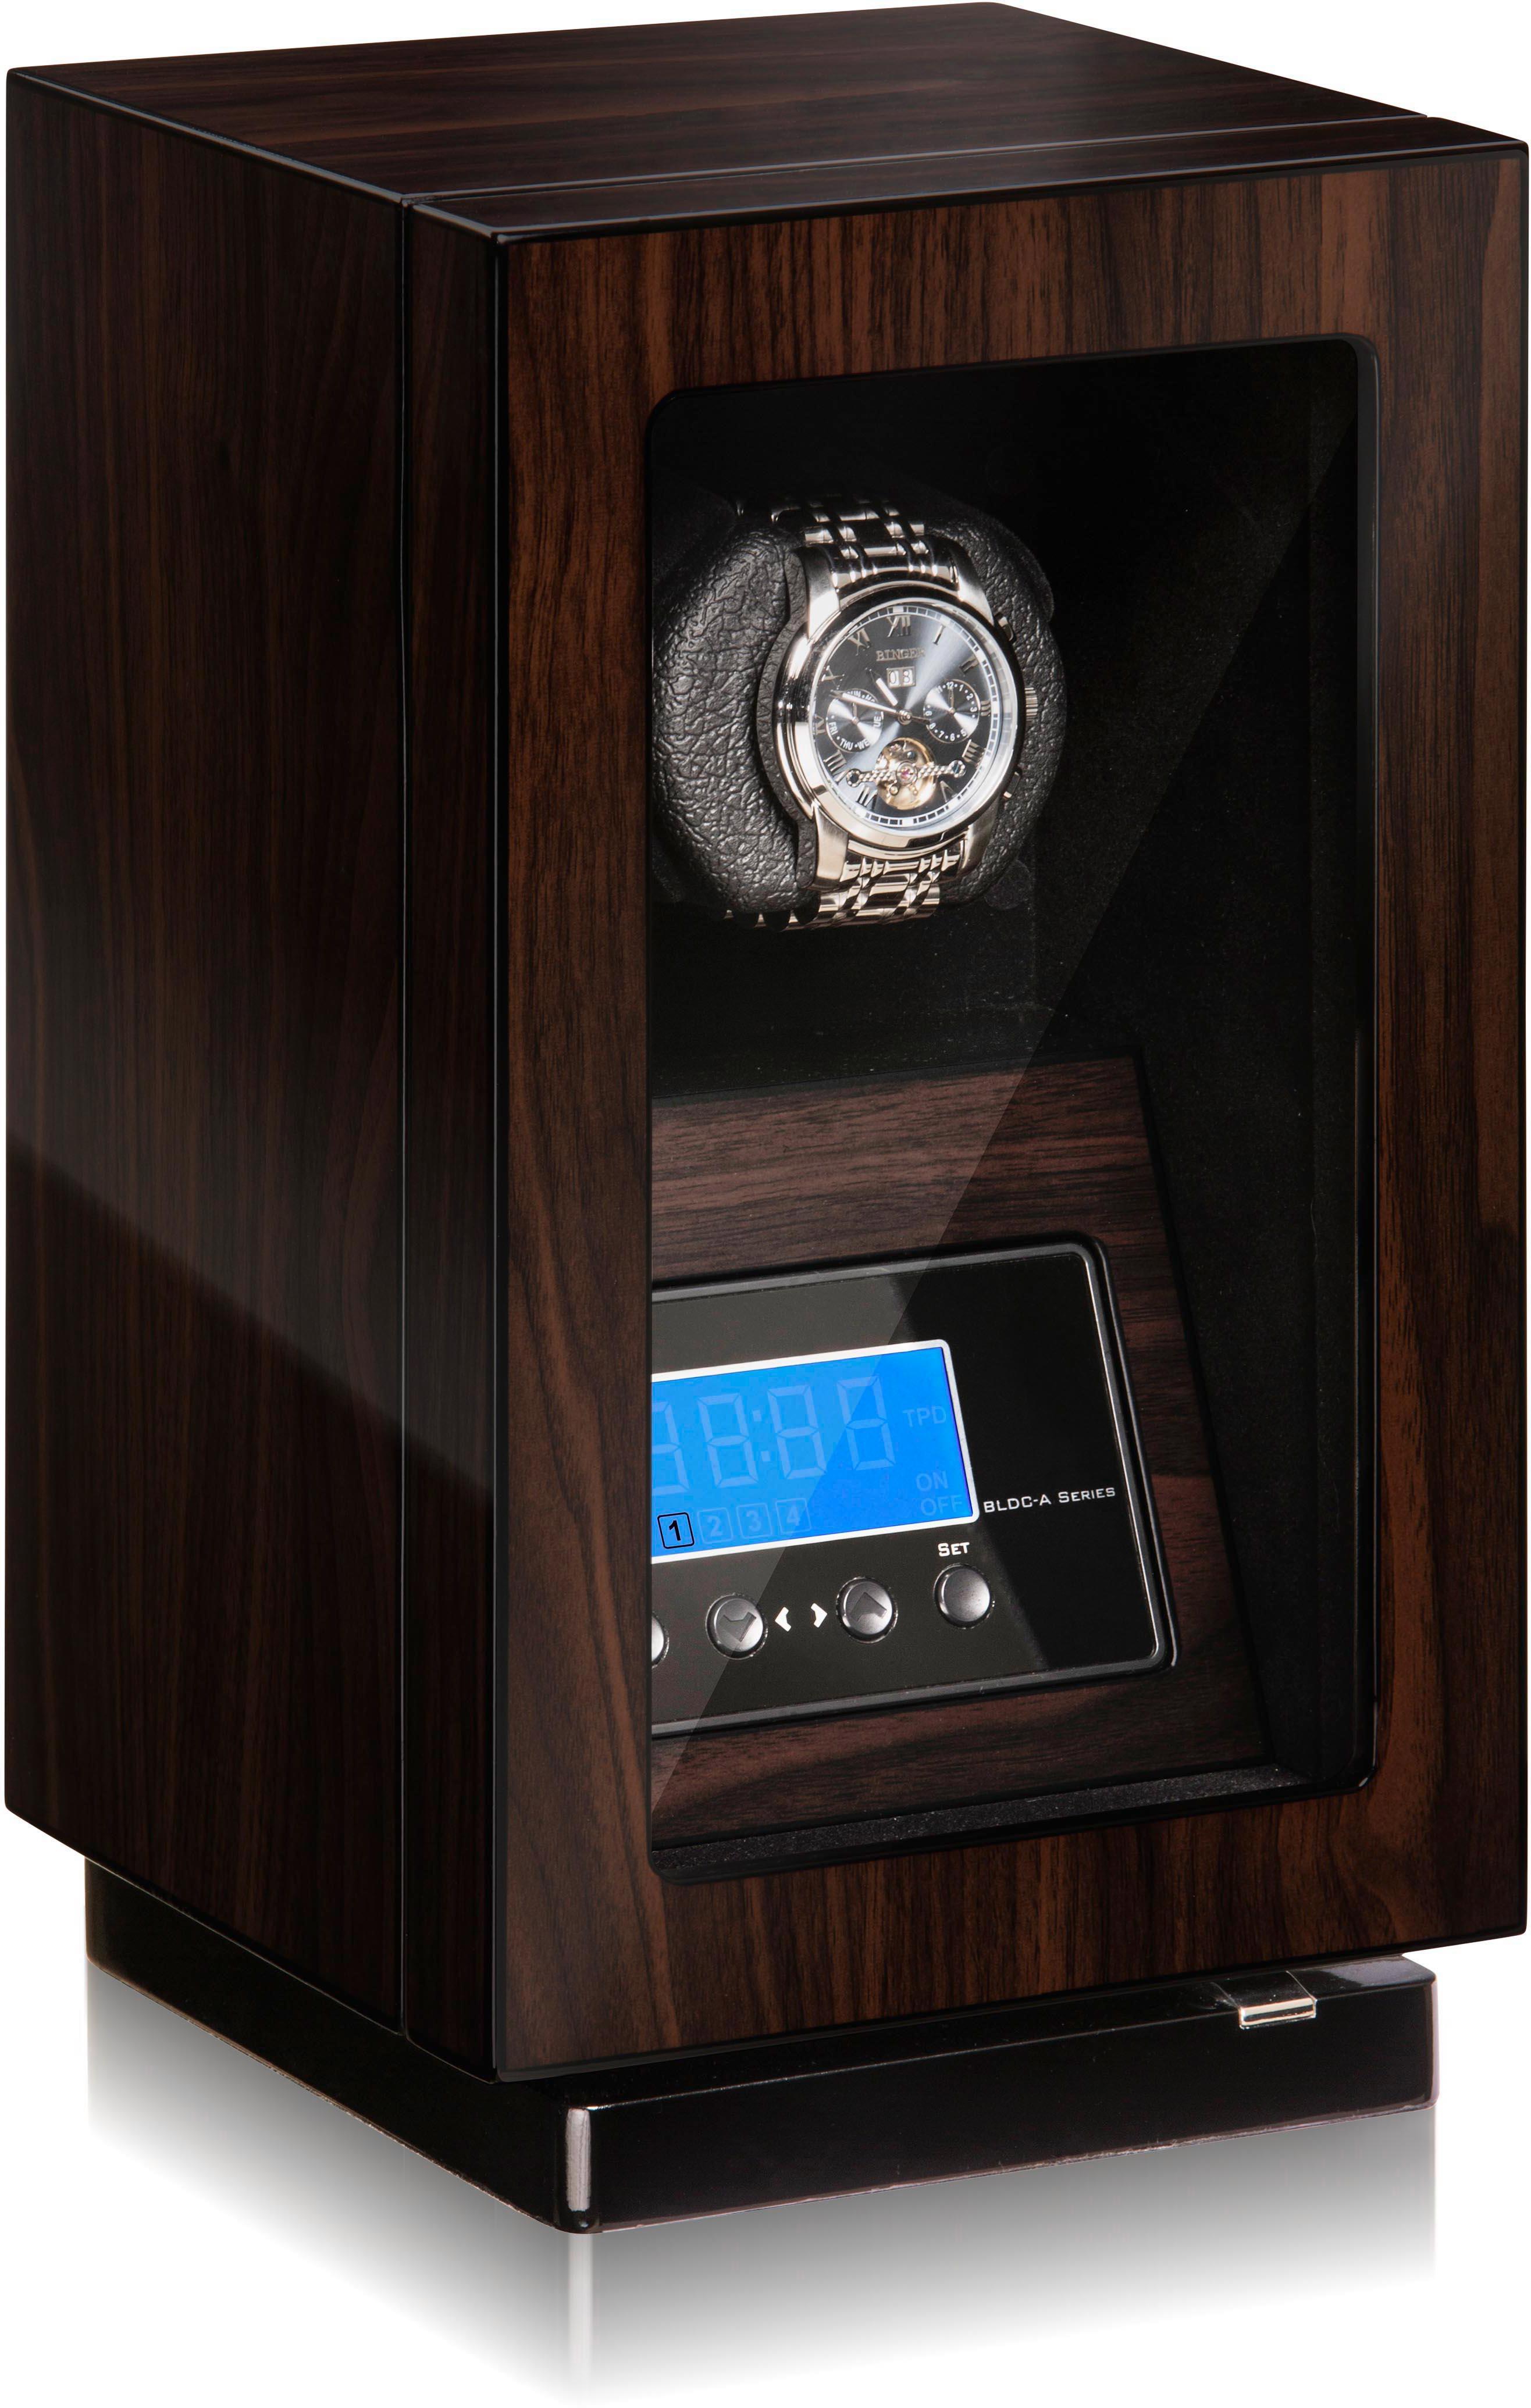 Boxy Uhrenbeweger »Boxy BLDC für 1 Uhr, 309416« | Uhren > Uhrenbeweger | BOXY